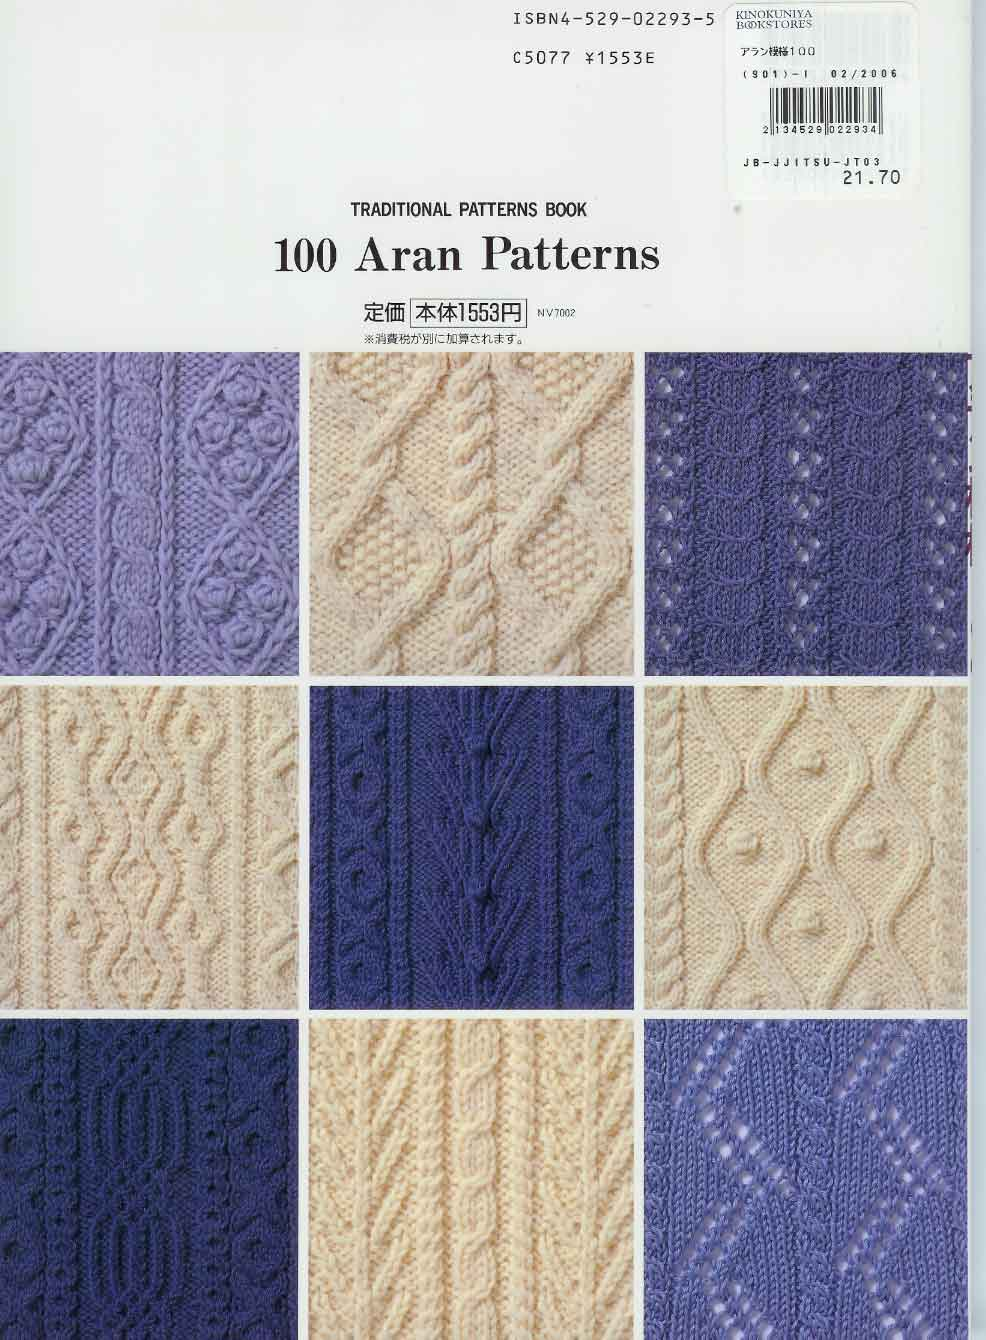 ...Размер: 23,22 Mb Качество: Отличное Язык: Английский Год издания: - 100 видов образцов вязания на спицах со схемами.